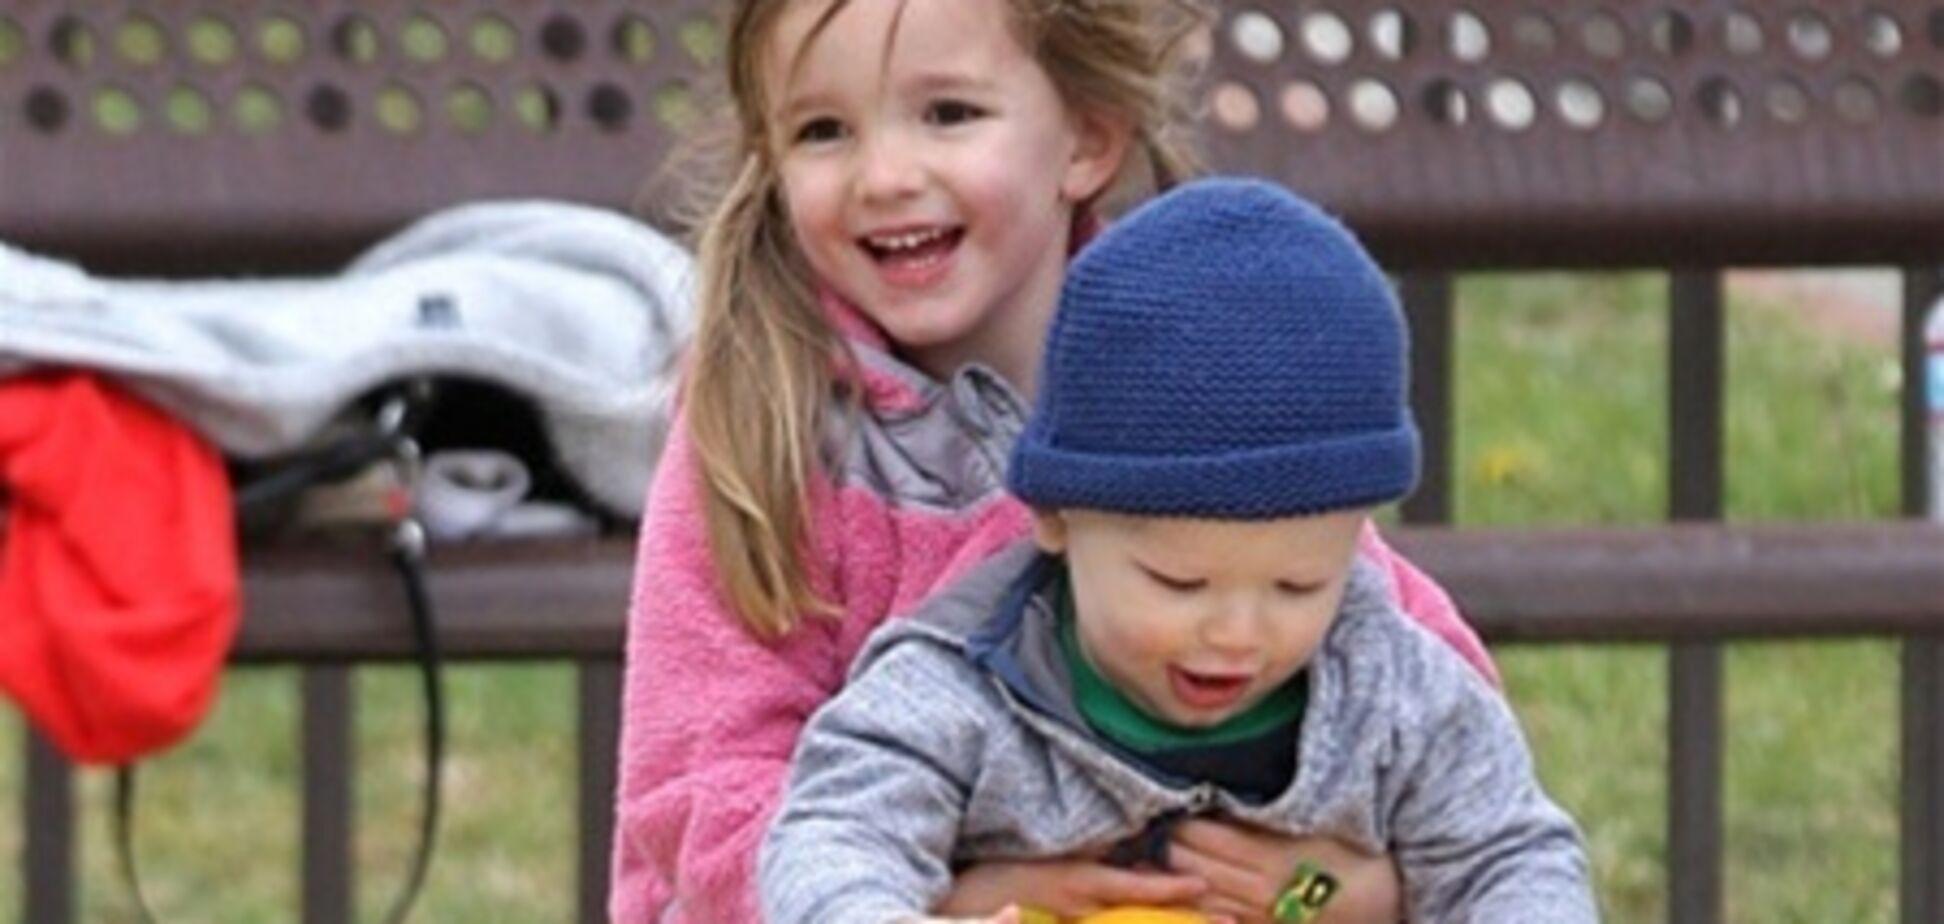 Семейство Аффлек-Гарнер веселится на детской площадке. Фото